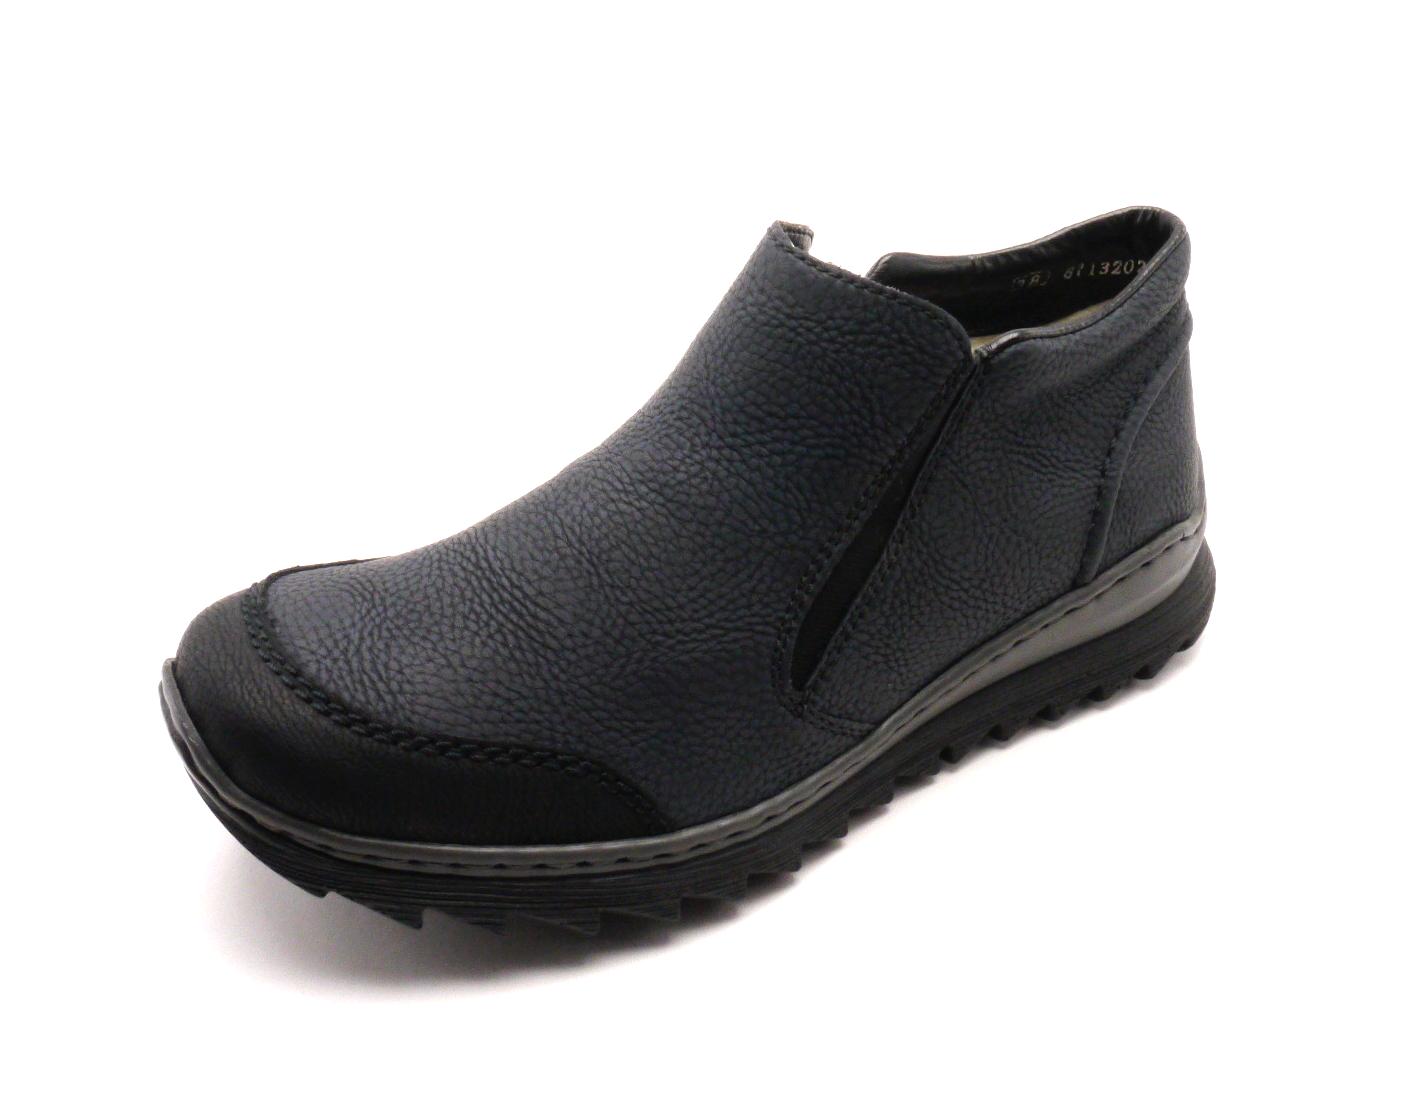 Rieker Dámská obuv M6294-01 Velikost: 41